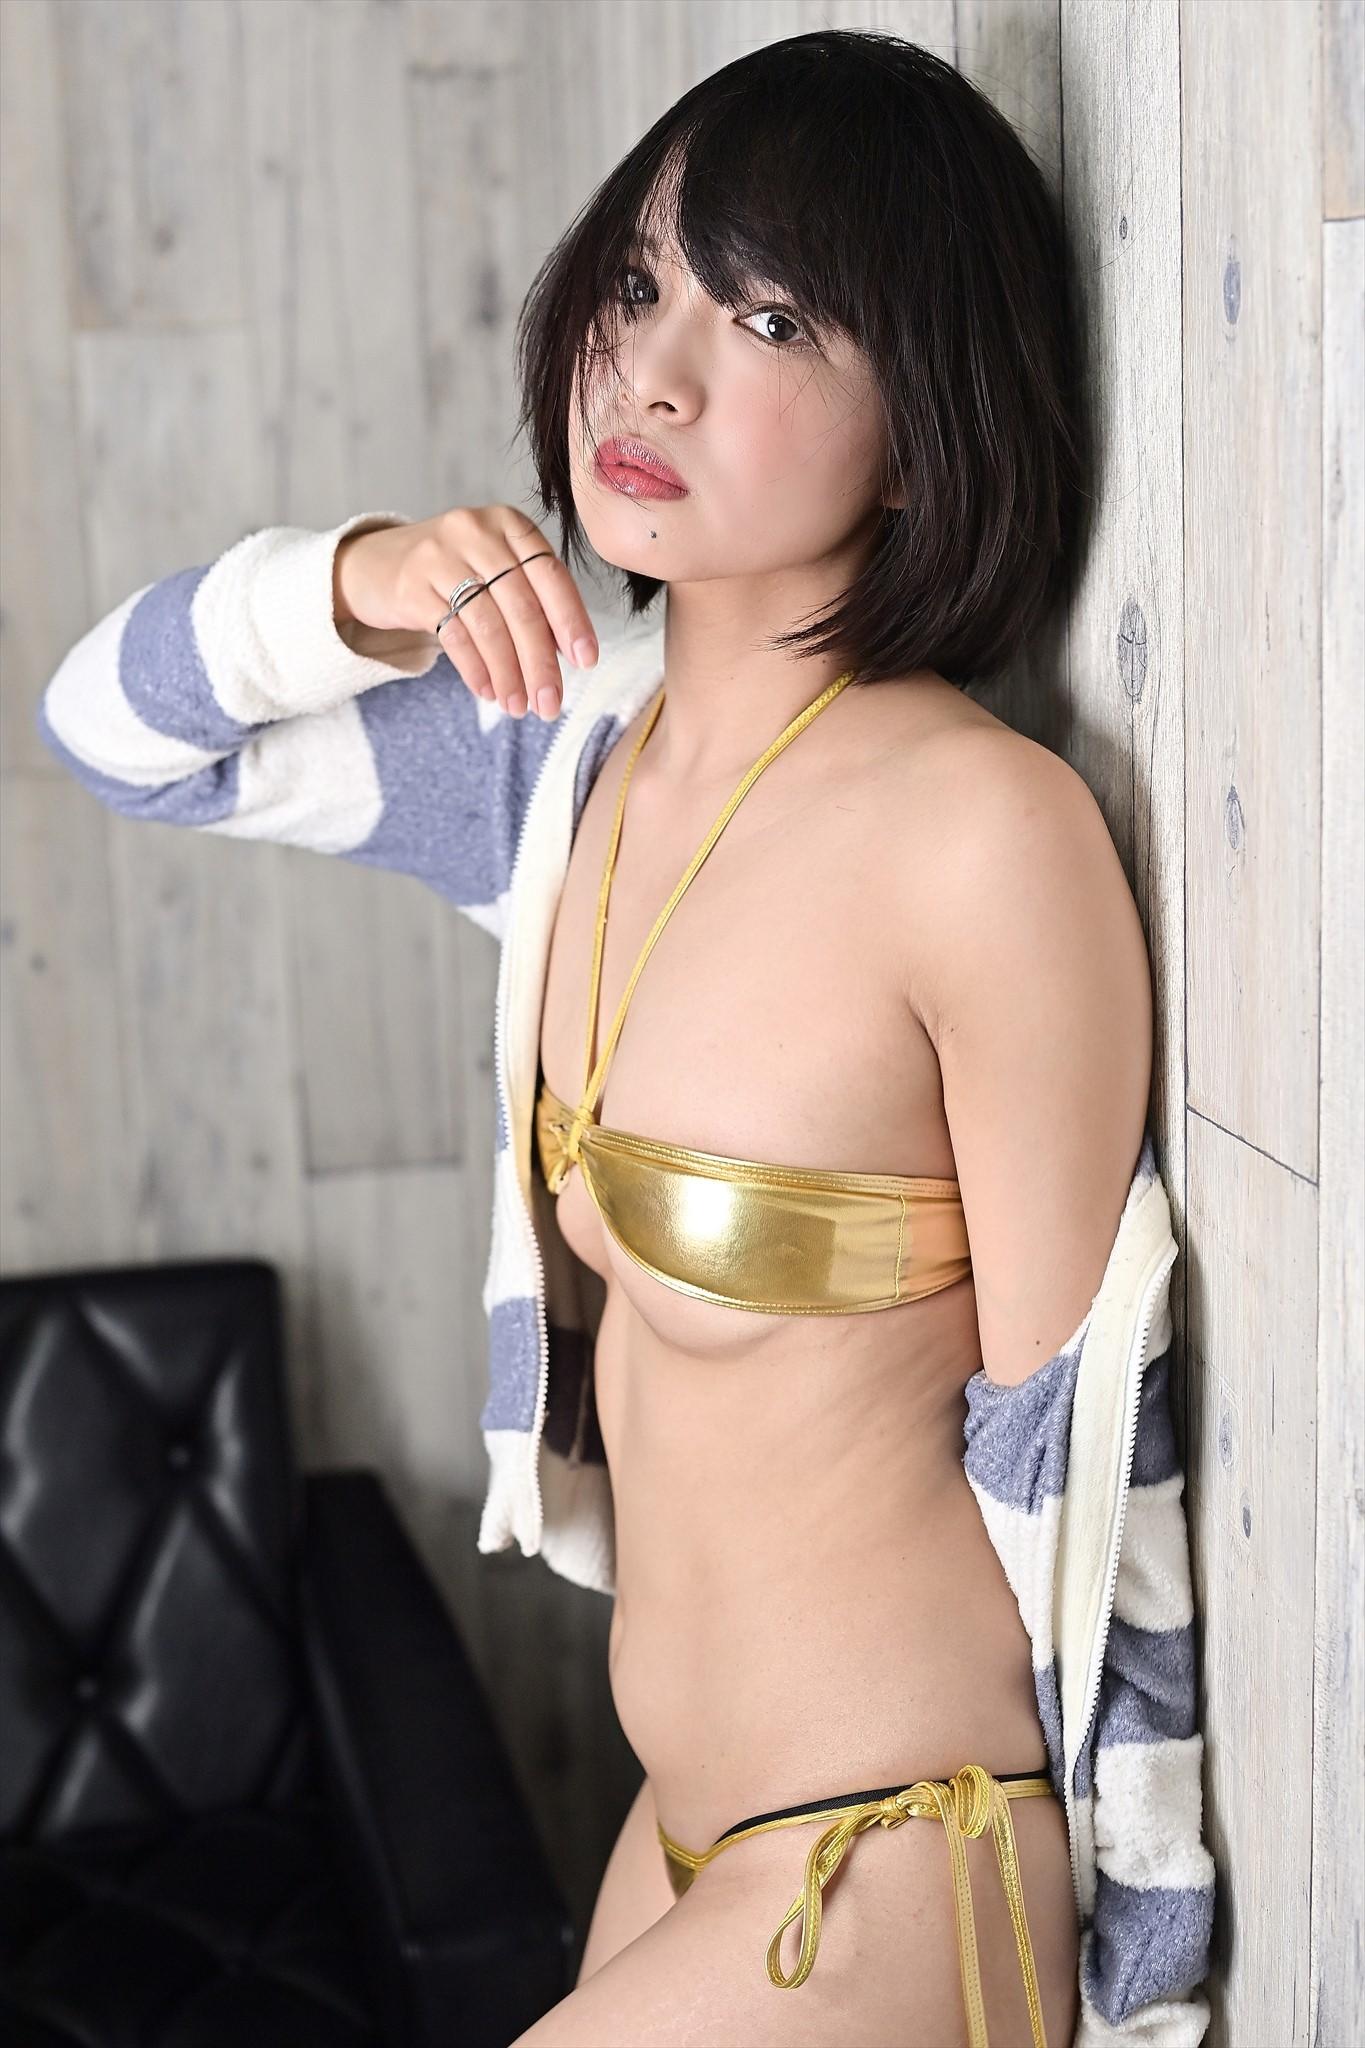 2020年11月14日 東京Lilyセッション撮影会報告_e0194893_23283250.jpg